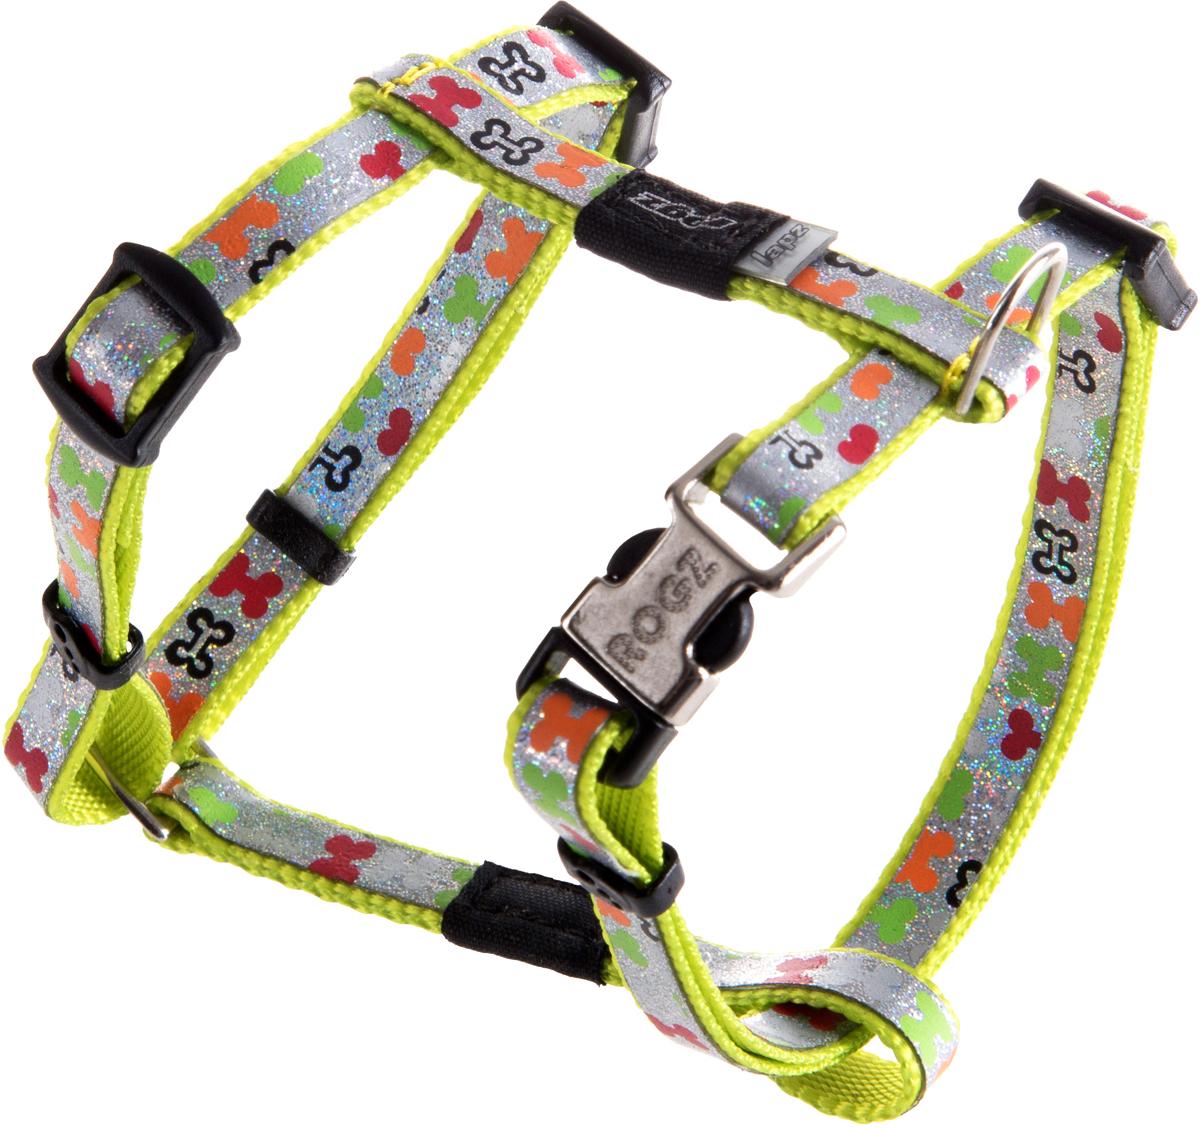 Шлейка для собак Rogz Trendy, цвет: салатовый, ширина 0,8 см. Размер XSSJ520LШлейка для собак Rogz Trendy обладает нежнейшей мягкостью и гибкостью.Светоотражающие материалы для обеспечения лучшей видимости собаки в темное время суток.